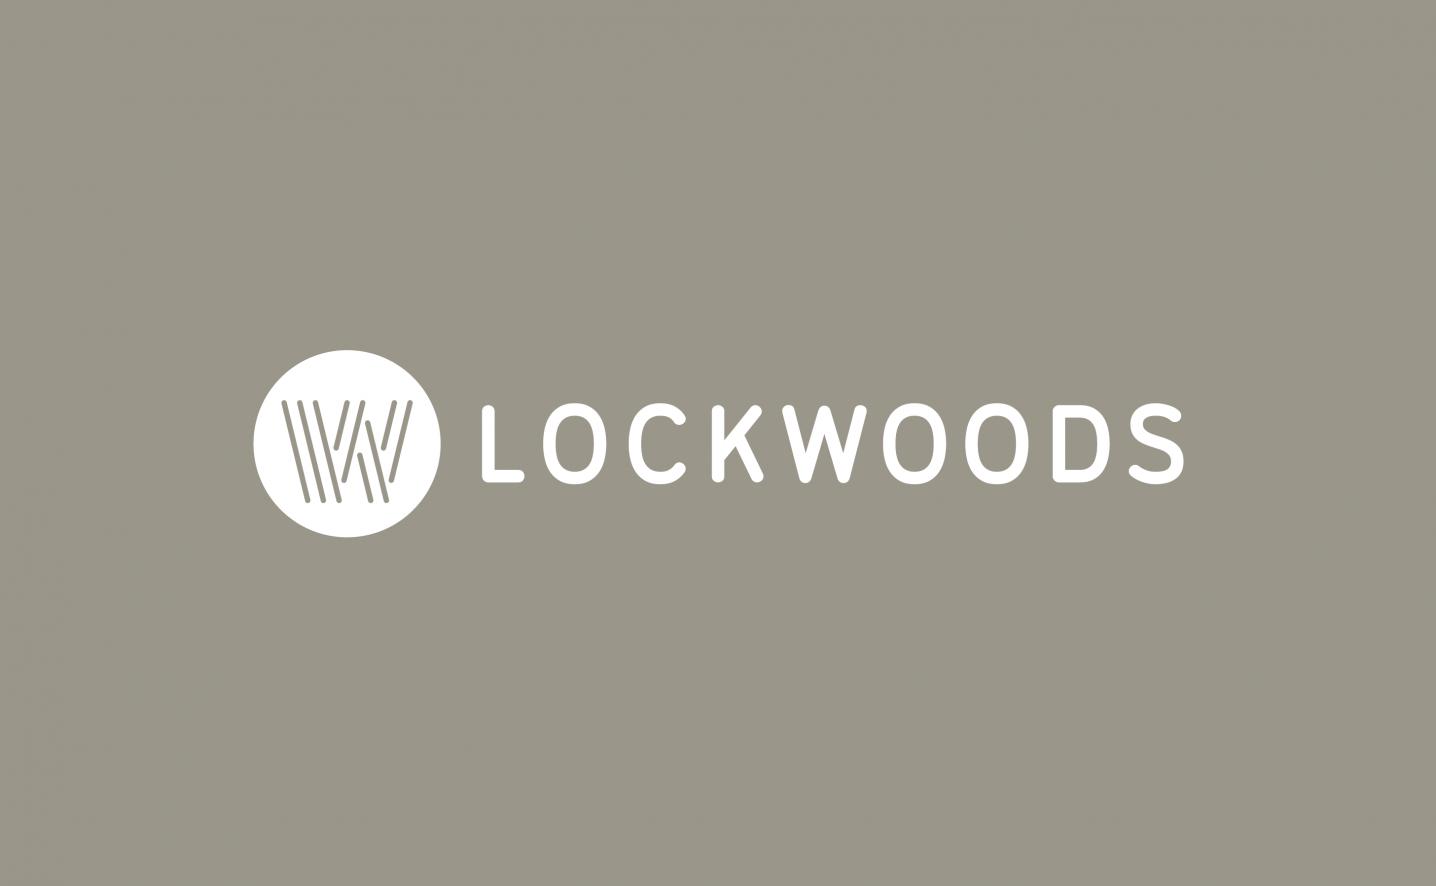 Lockwoods2